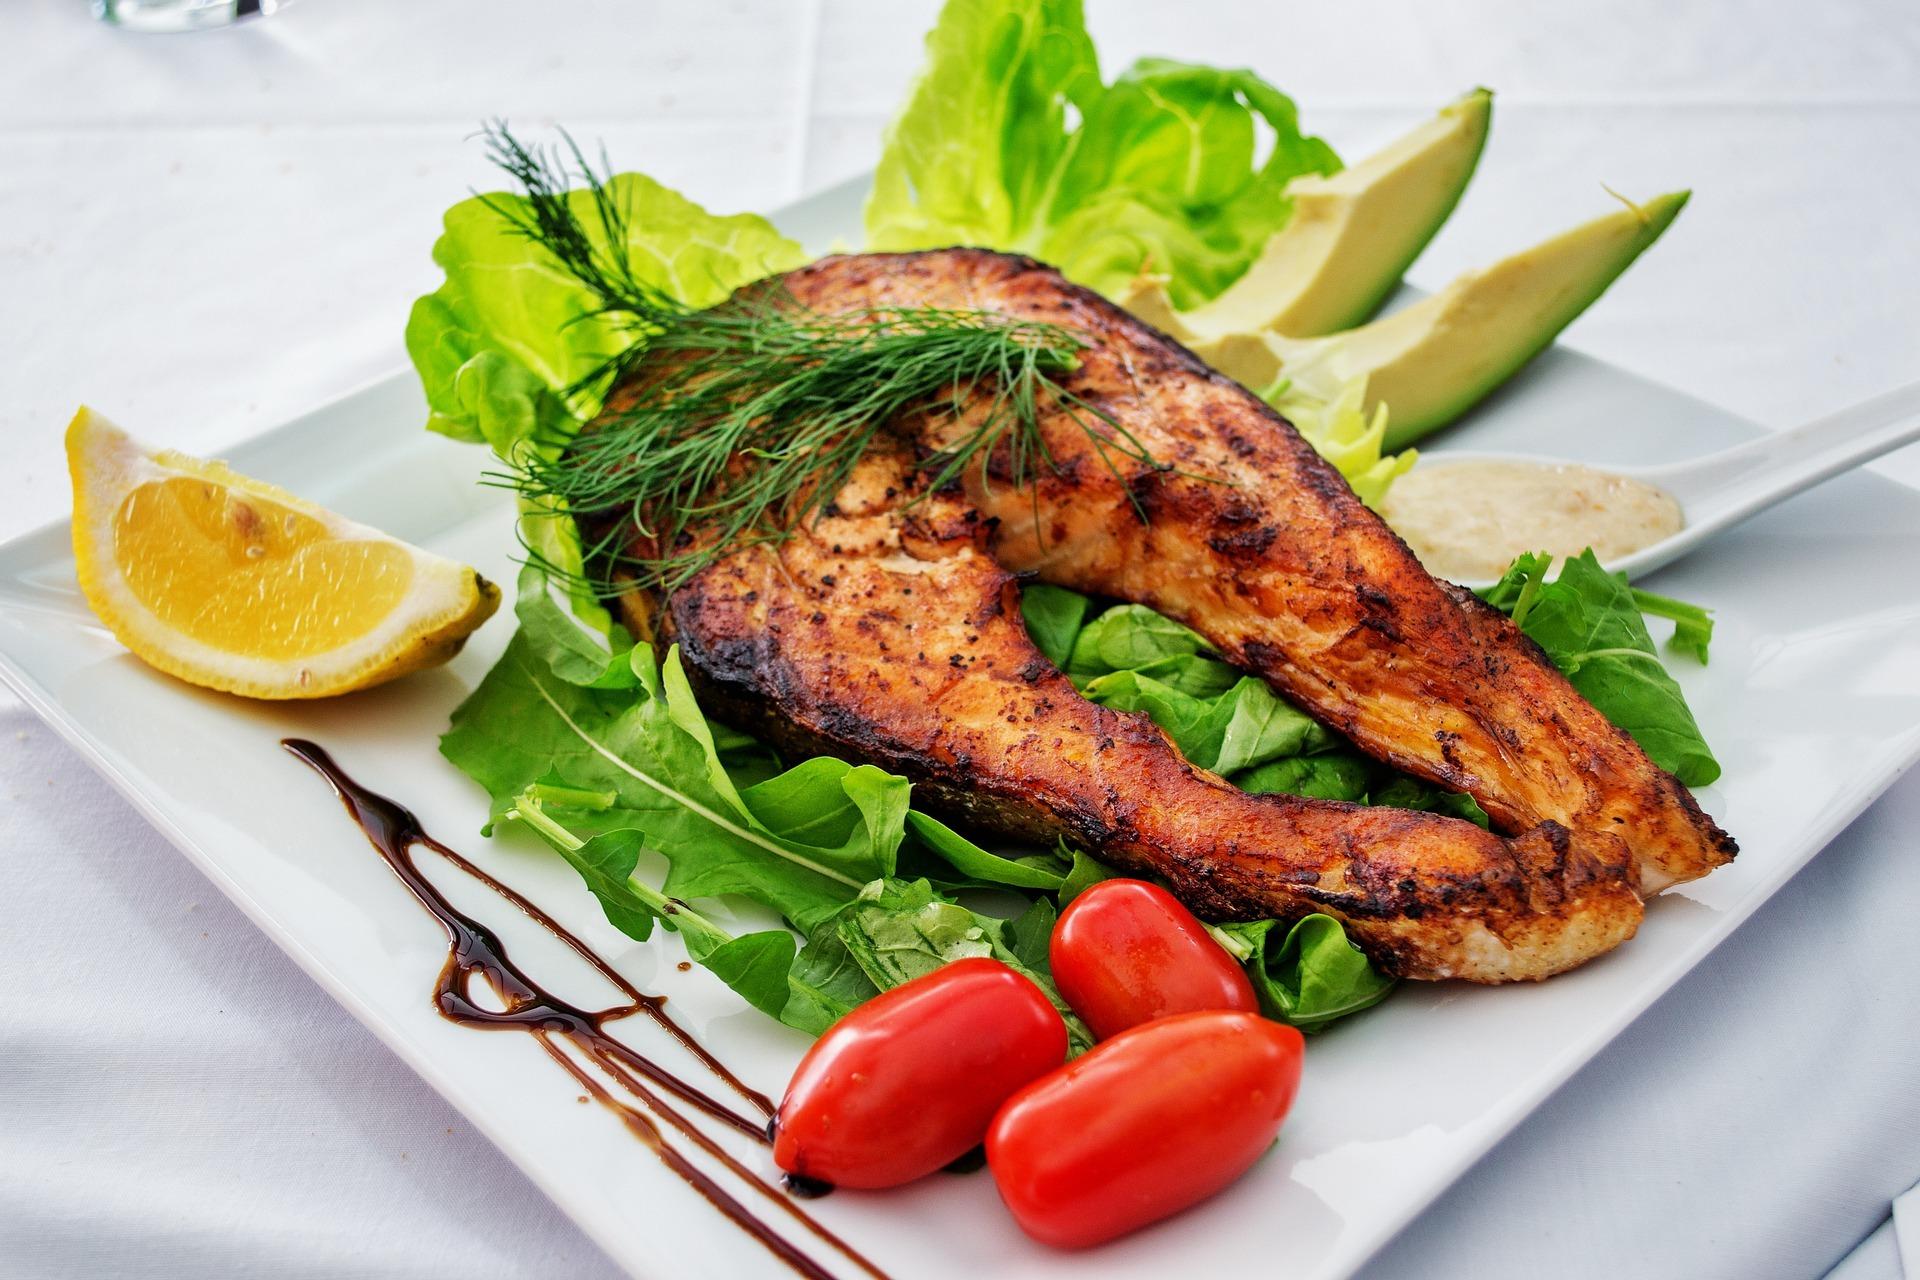 Régime sans glucide : 6 aliments efficaces pour perdre du poids